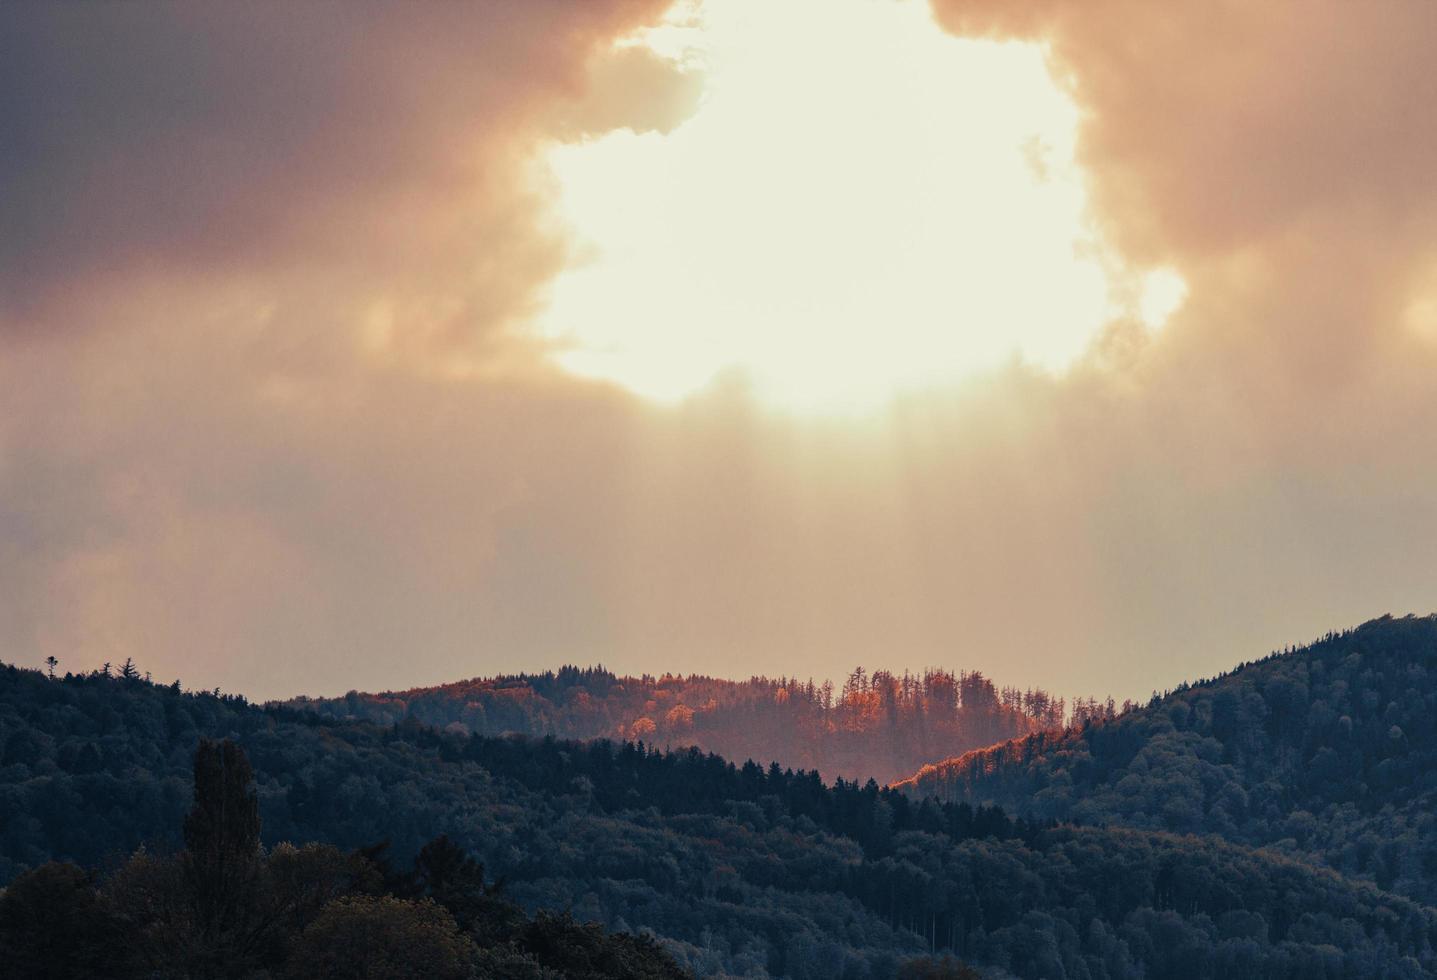 un trou dans le ciel - le soleil illumine le sommet de la montagne photo